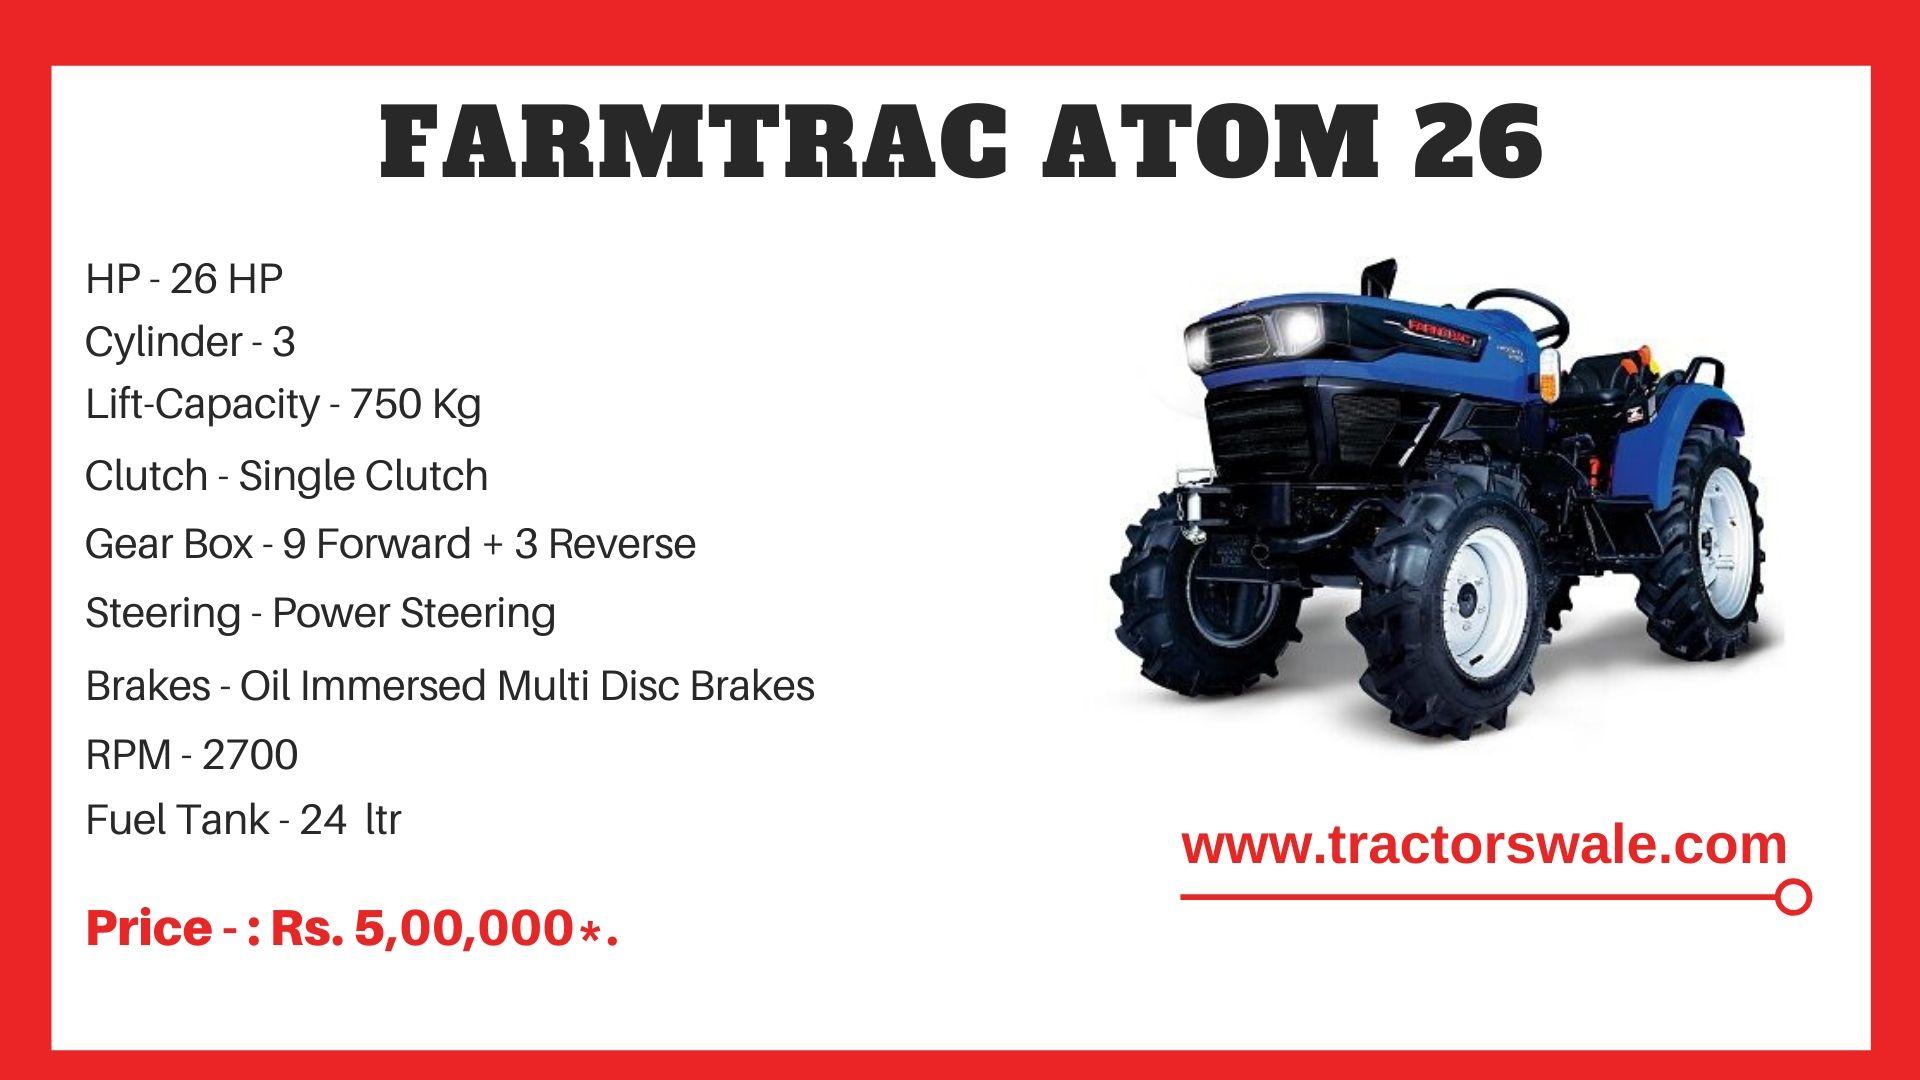 Farmtrac Atom 26 tractor price